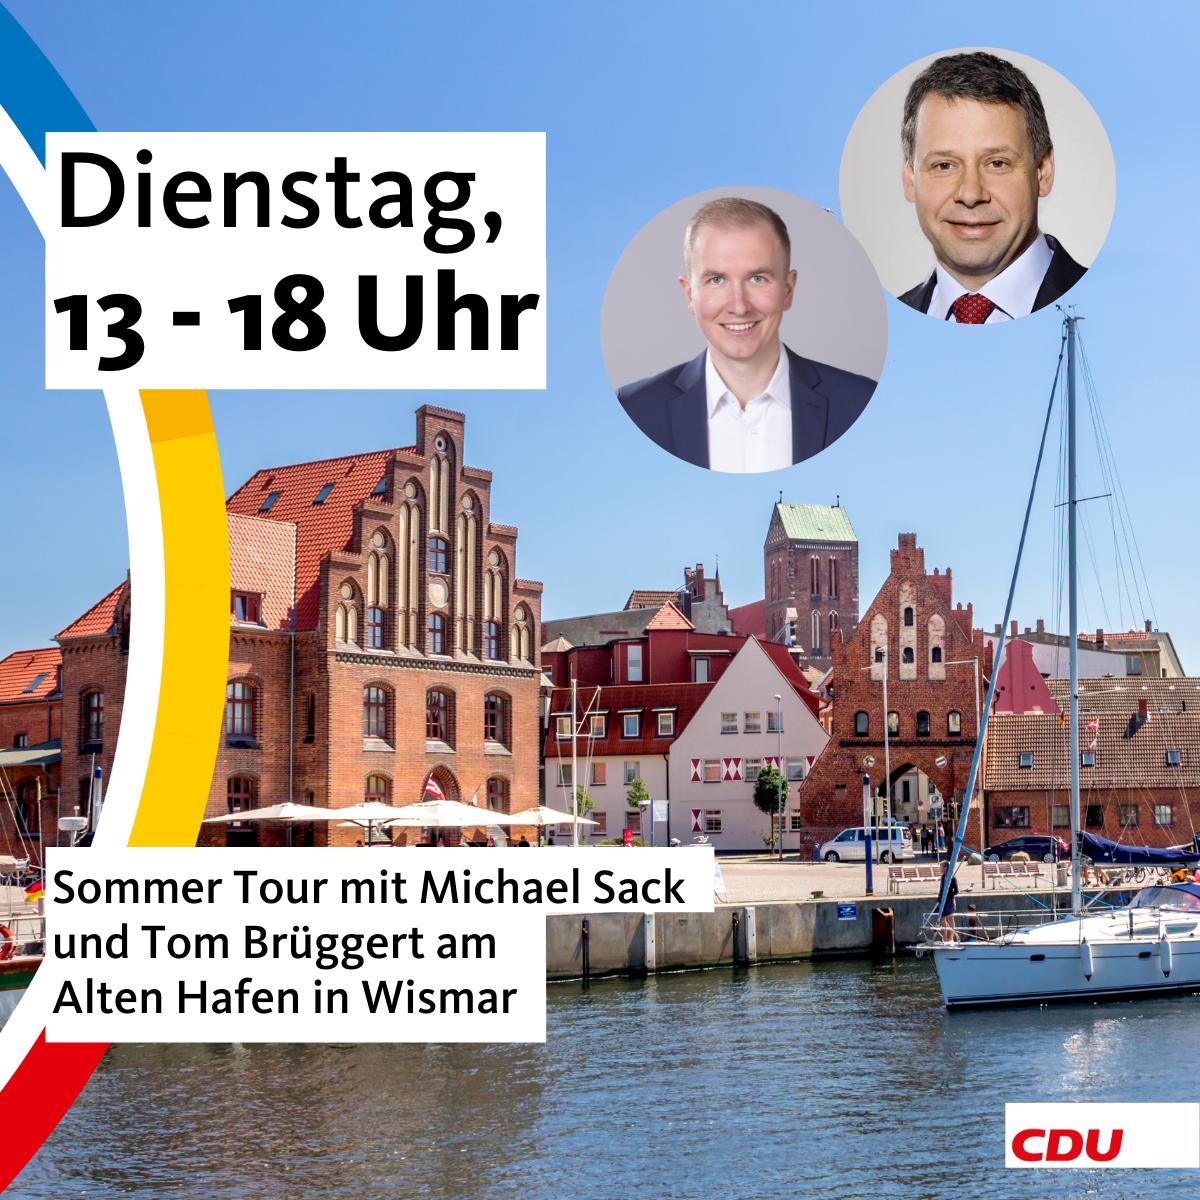 Sommertour mit Michael Sack und Tom Brüggert